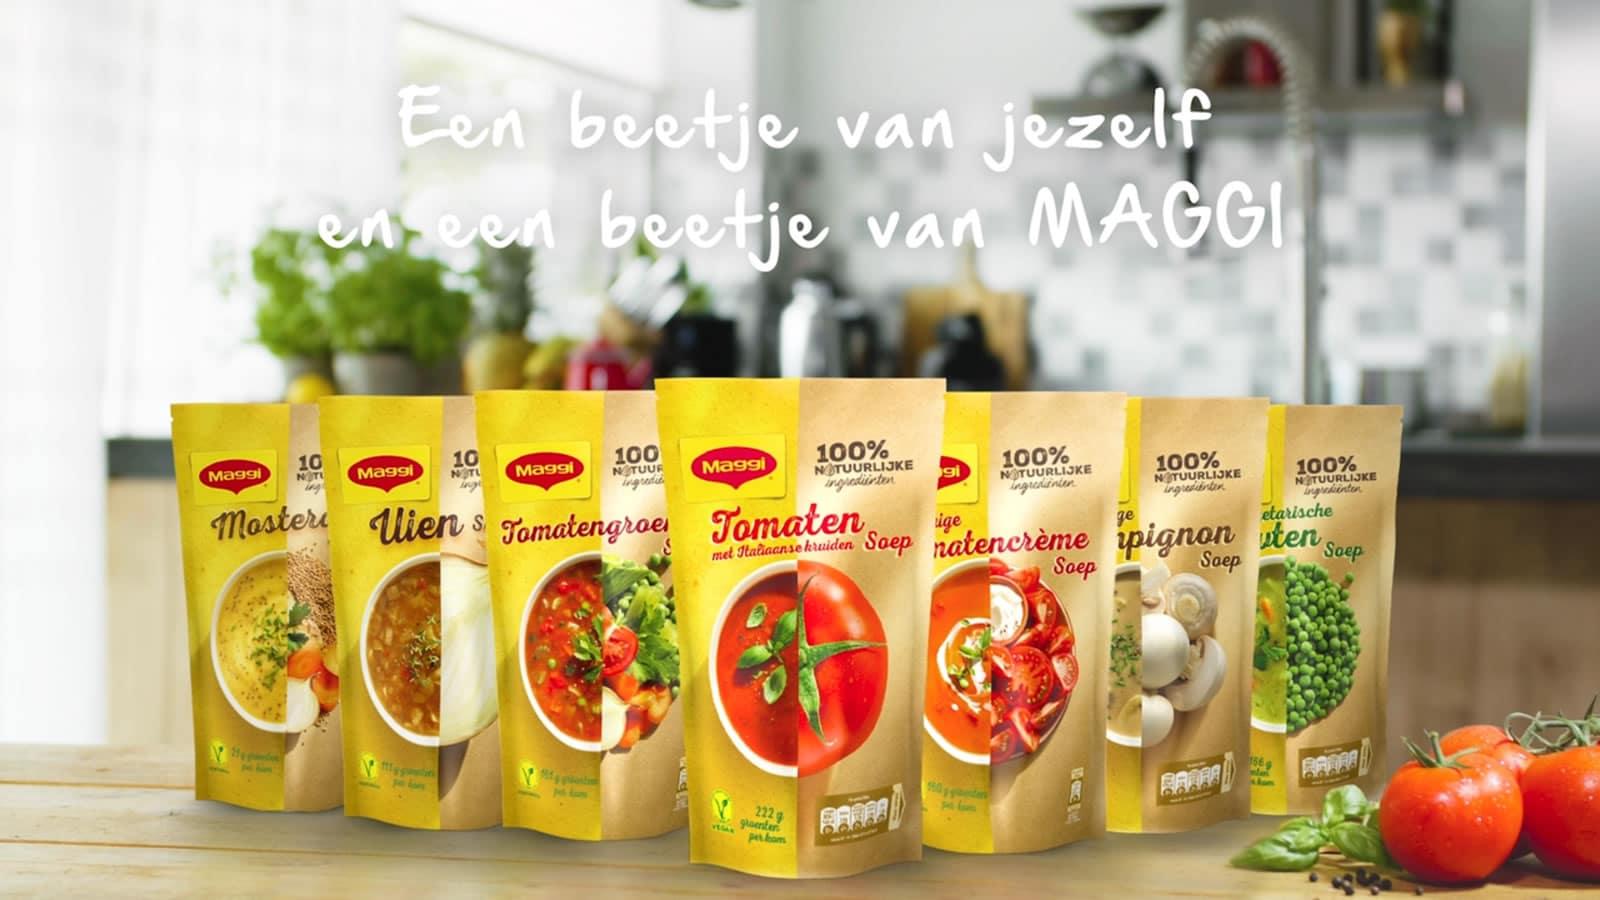 Ontvang het bedrag terug van Maggi soep in zak t.w.v. € 2,89